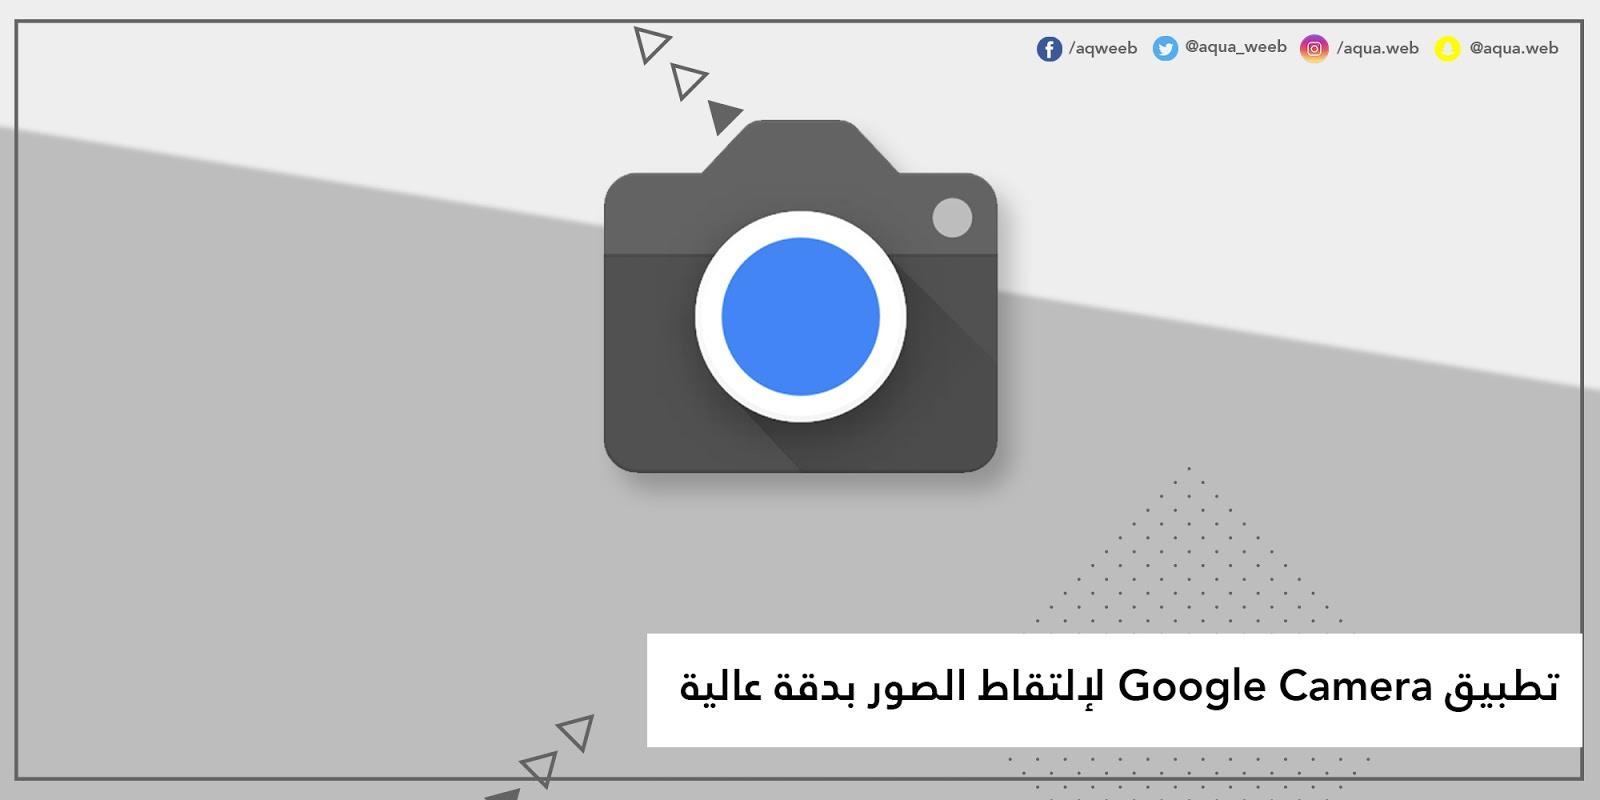 تطبيق Google Camera لإلتقاط الصور بجودة عالية